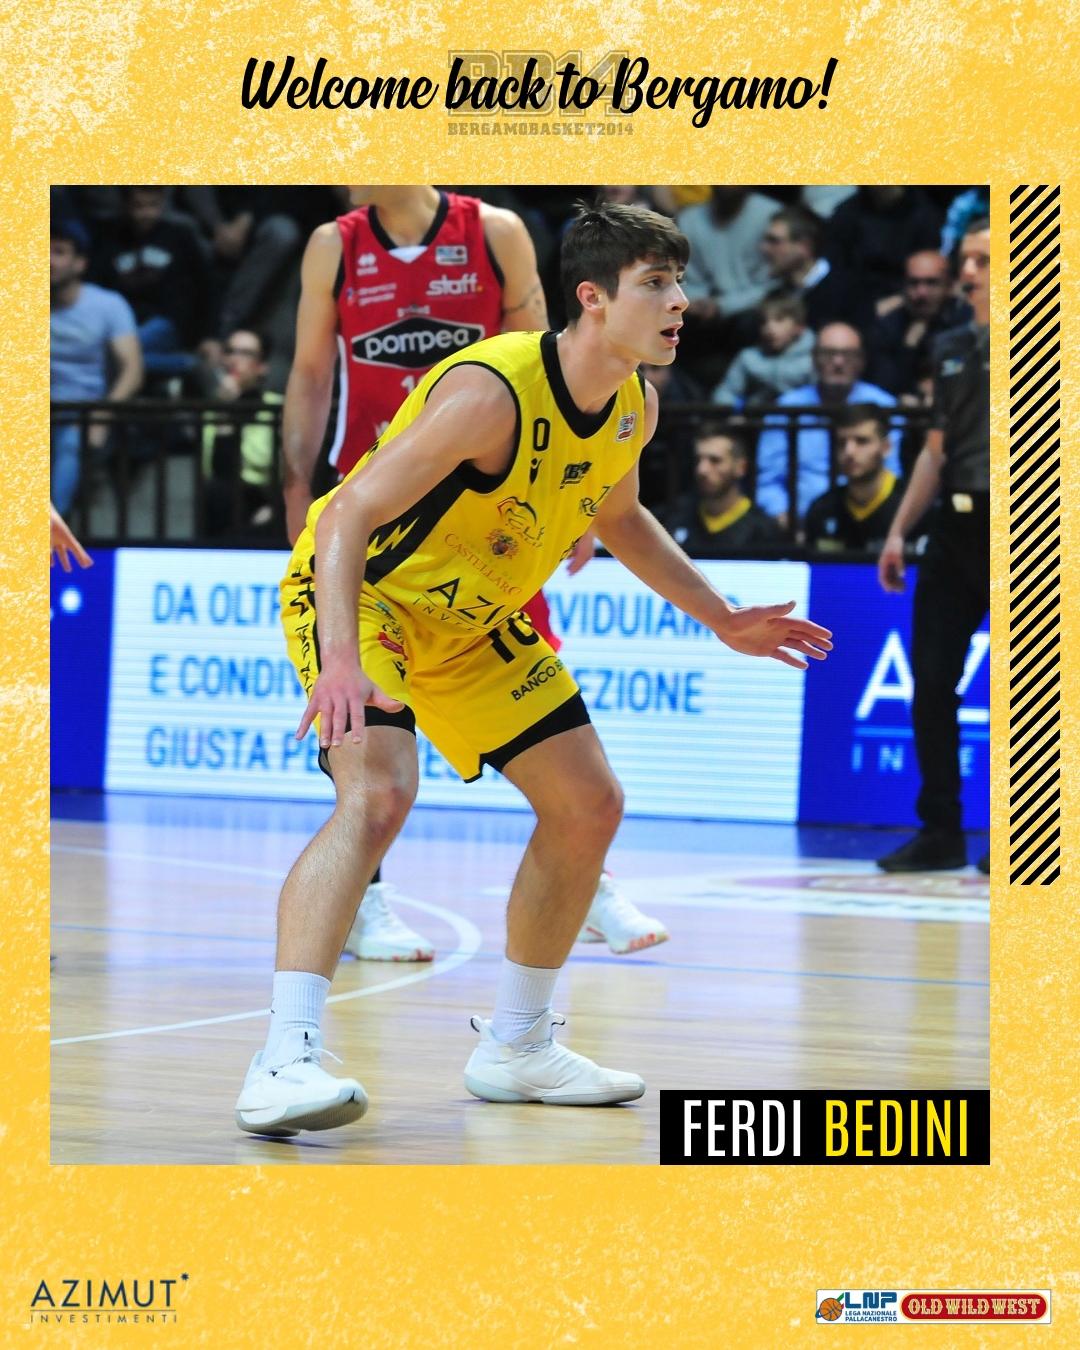 Ufficiale. Bergamo Basket ri-abbraccia Ferdi Bedini